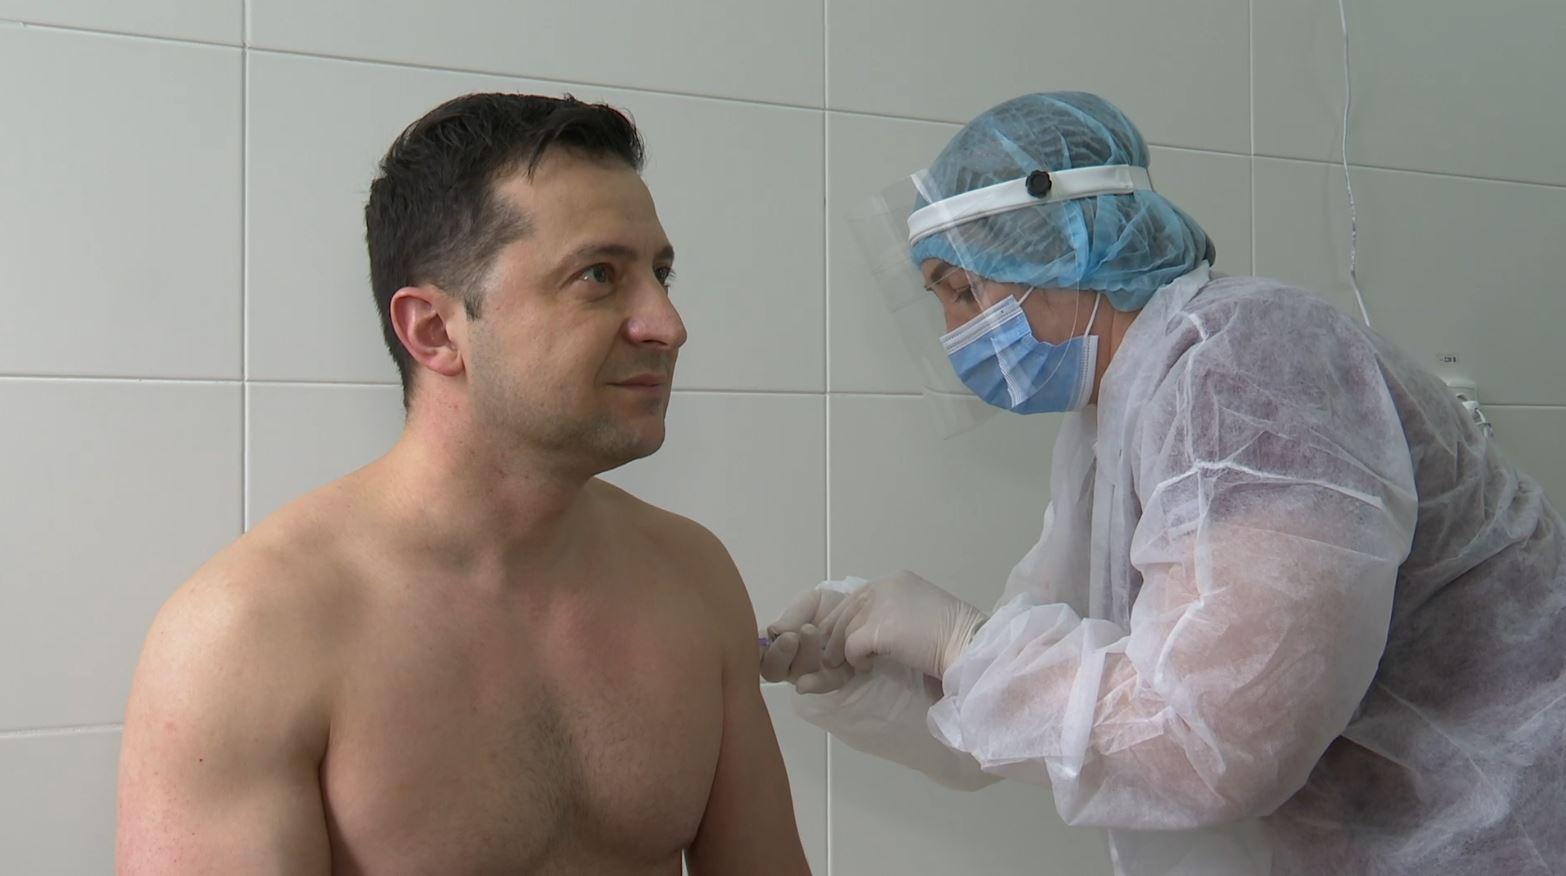 «Без вакцинации мы еще будем ещё долго ходить в масках, сидеть дома, болеть и дохнуть» — Алексей Давиденко